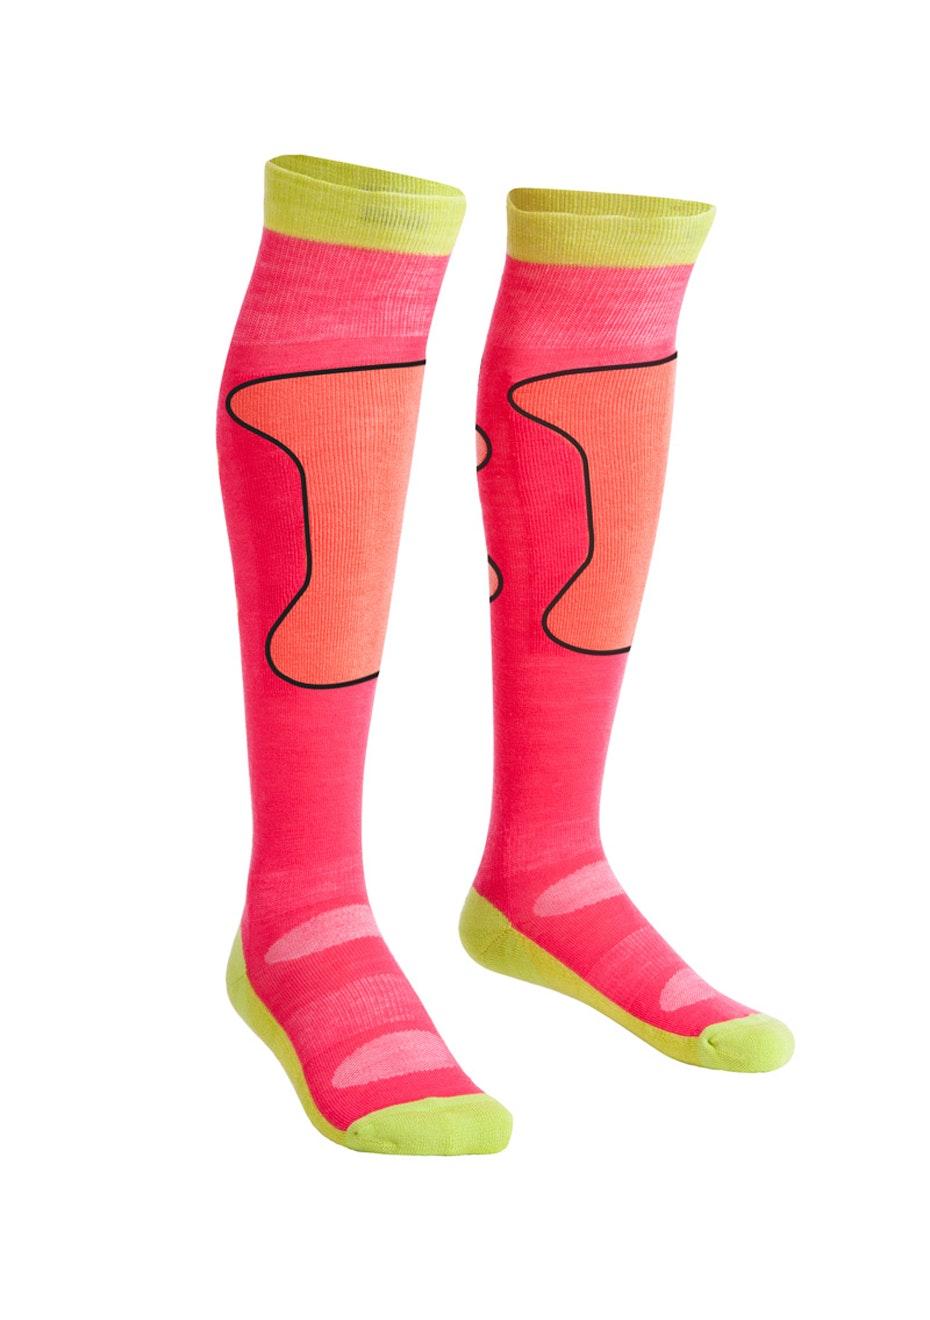 Mons Royale - Pro Lite Tech Sock - Pink / Coral / Lime